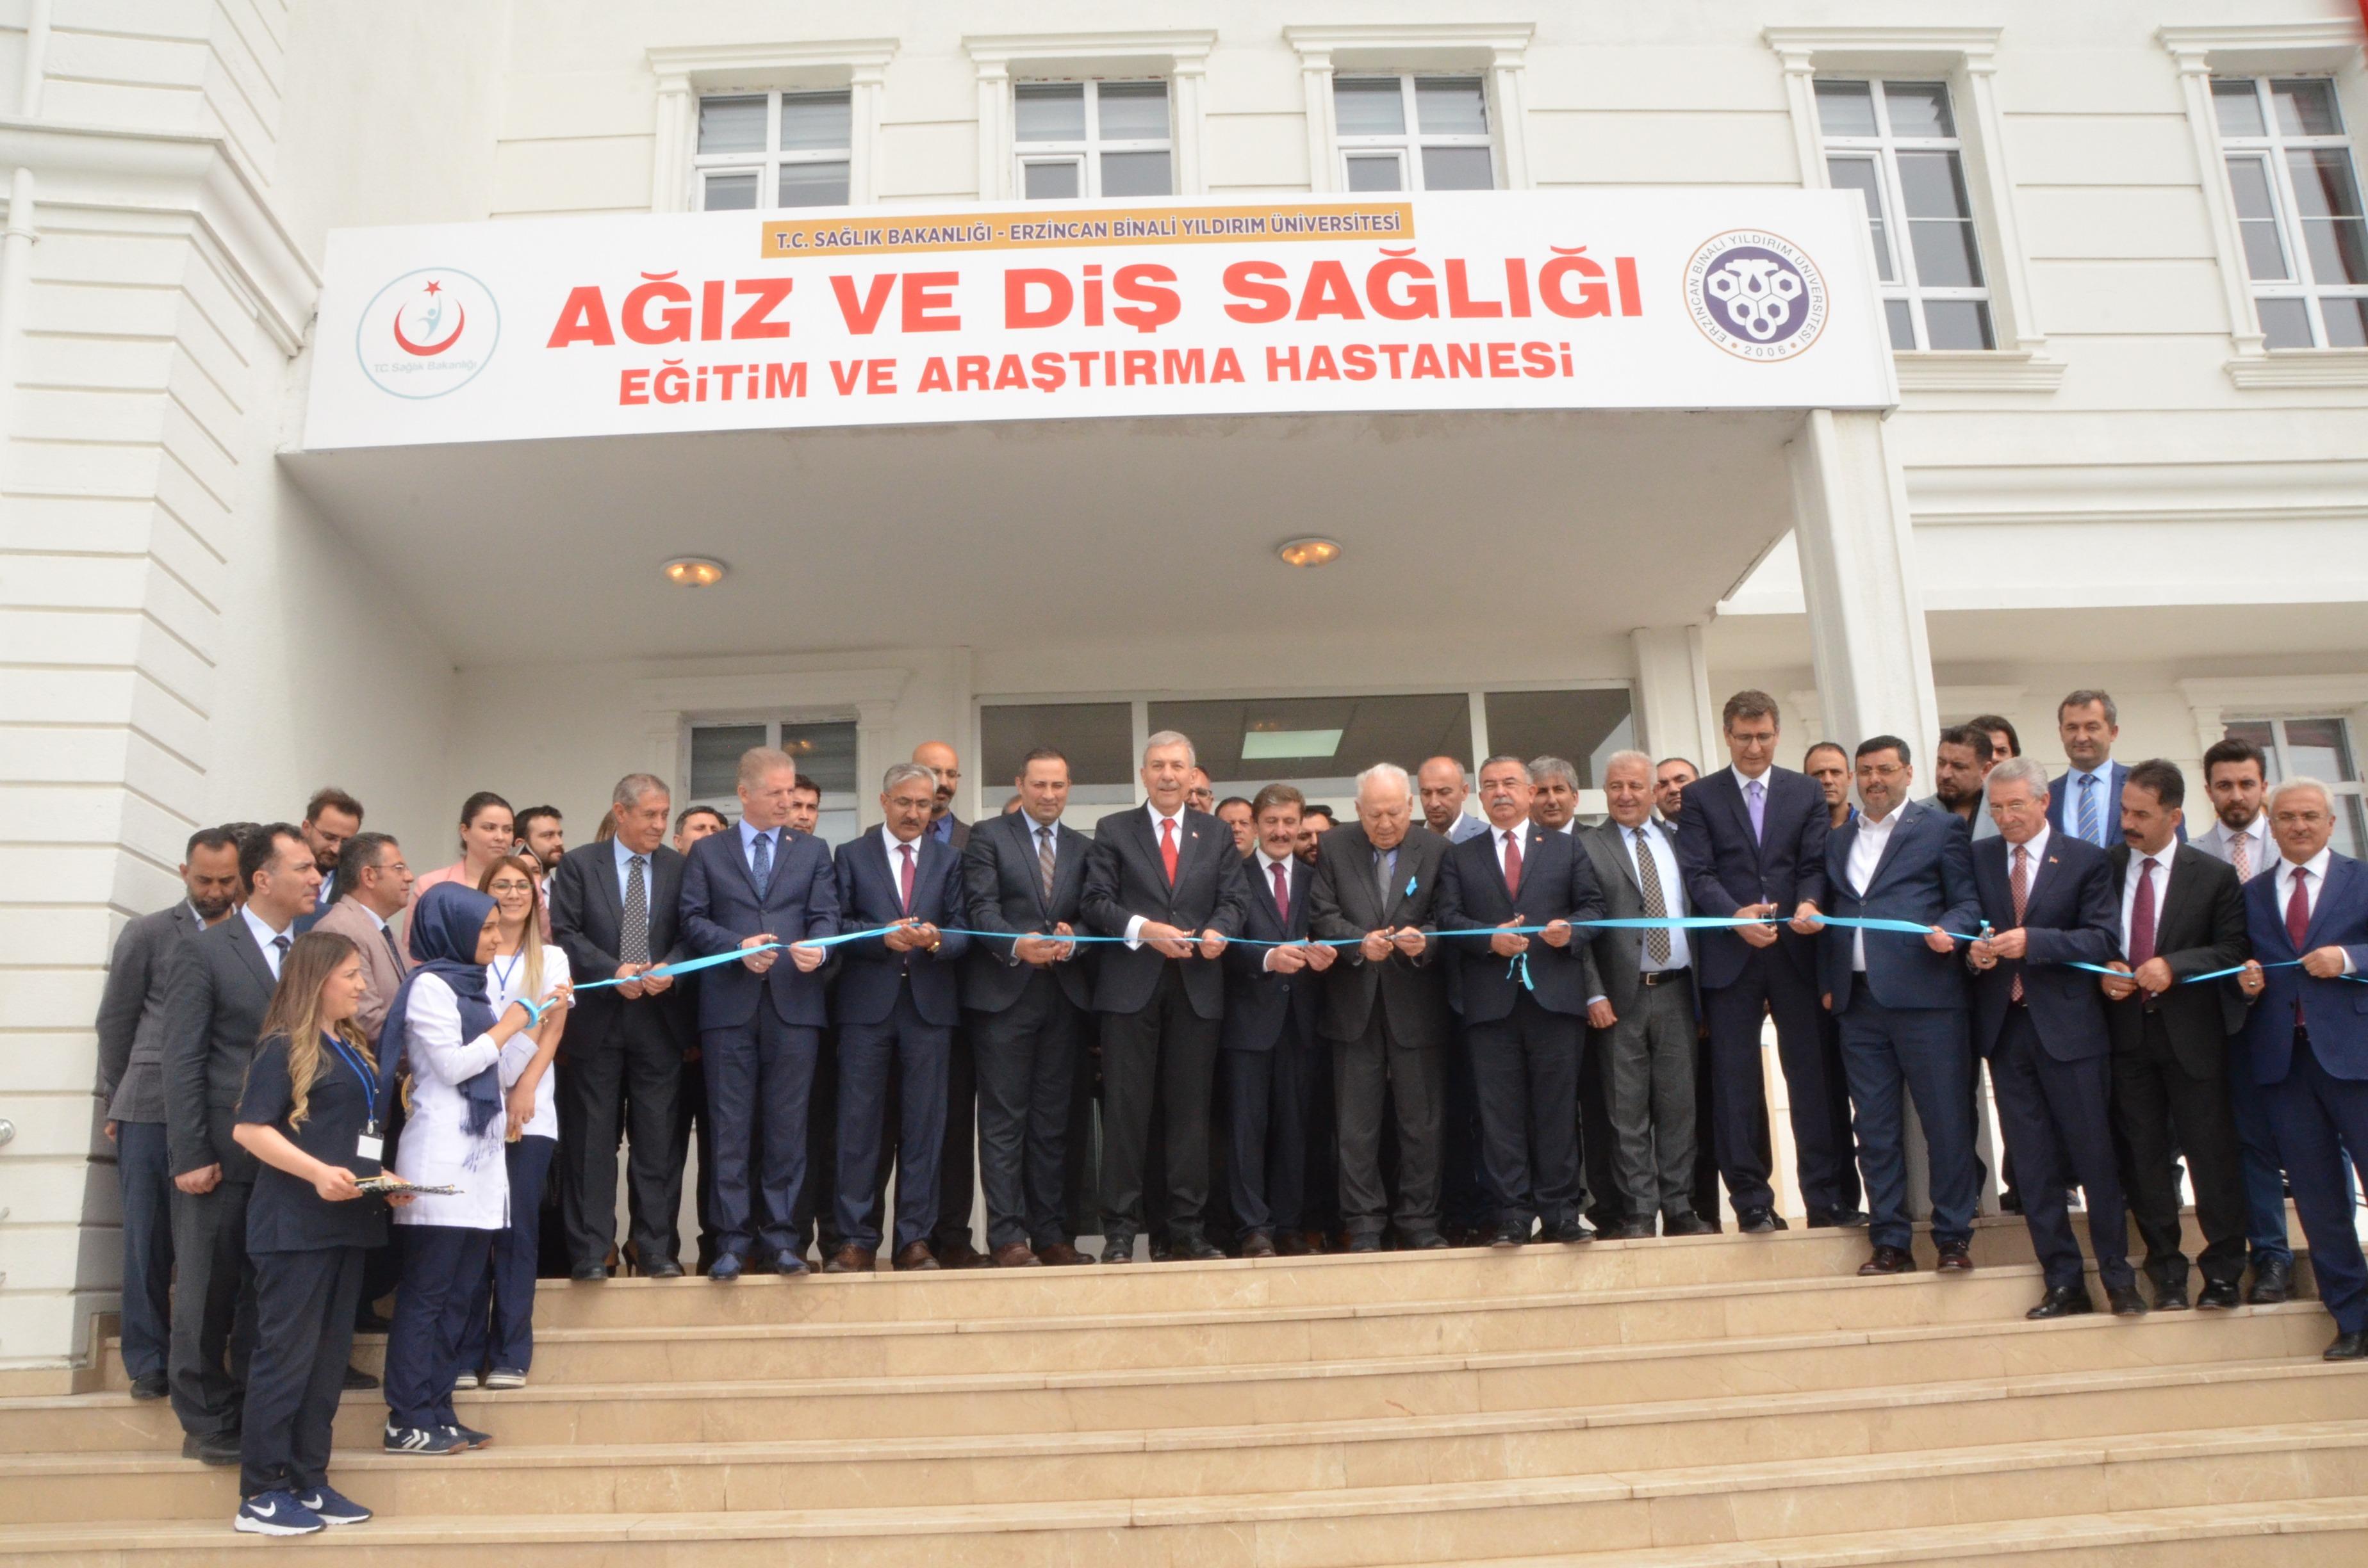 Ağız ve Diş Sağlığı Eğitim ve Araştırma Hastanesinin Açılışı Yapıldı